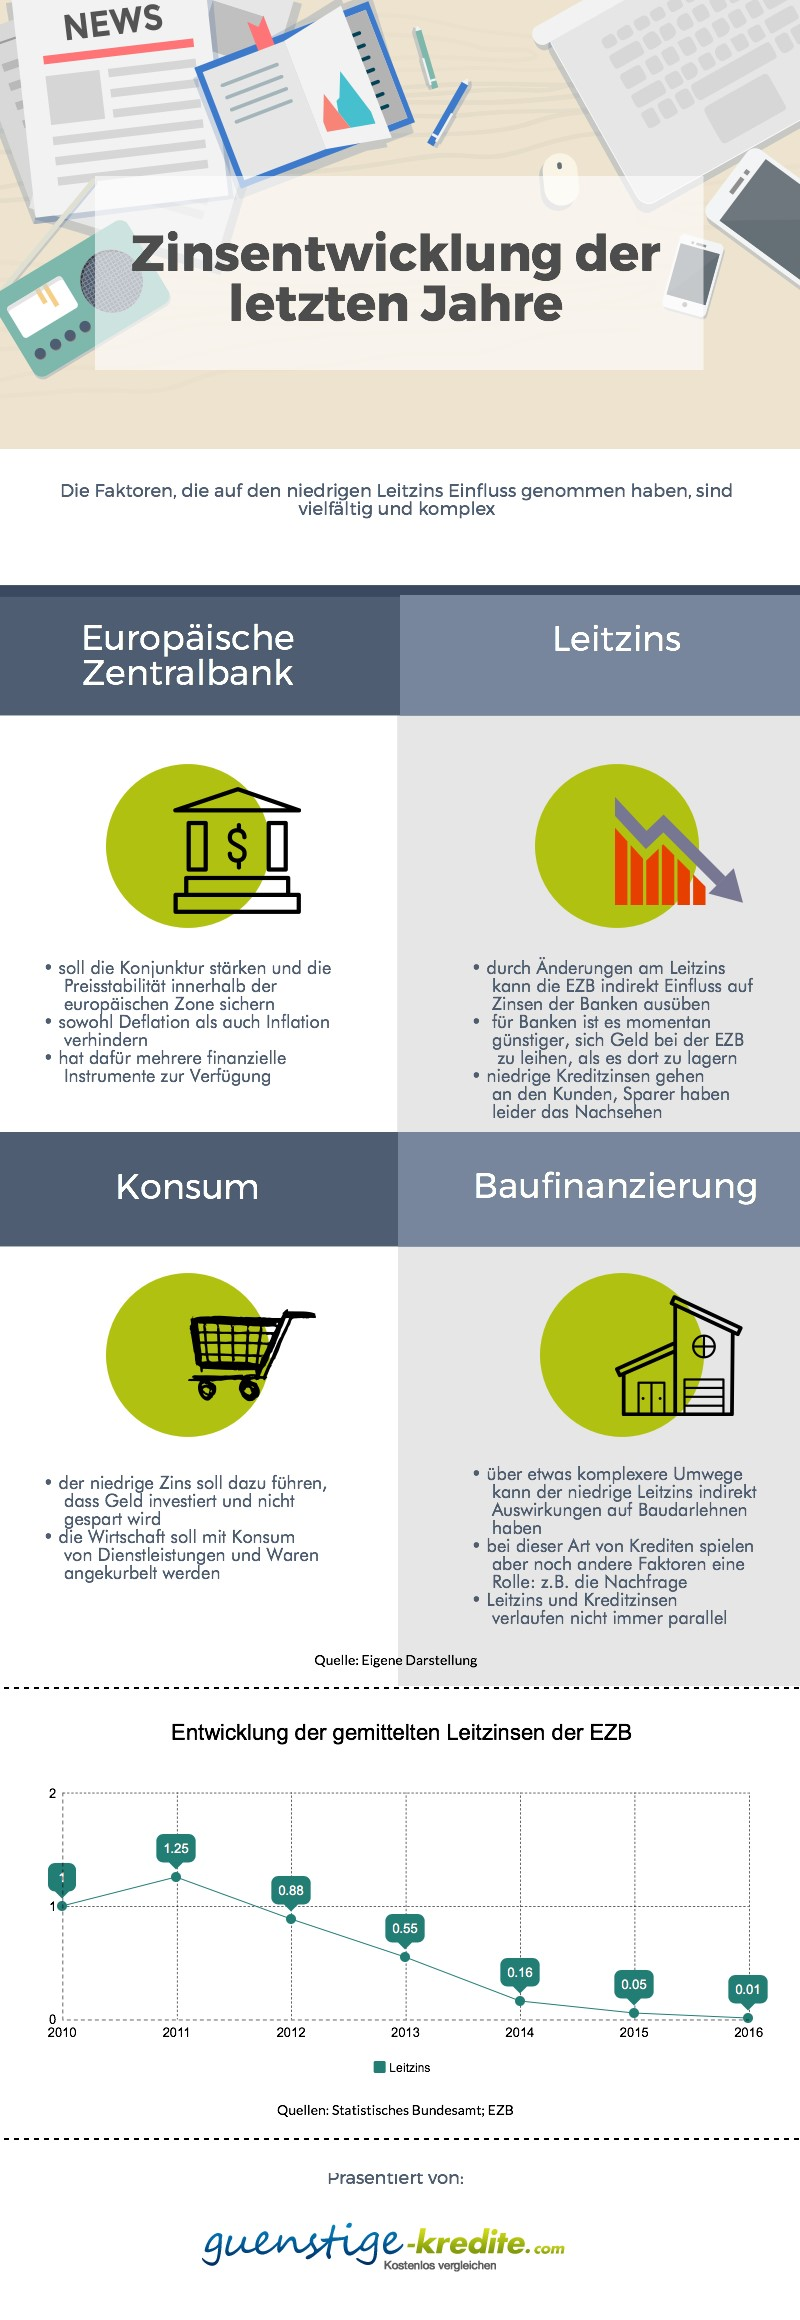 Entwicklung der gemittelten Leitzinsen der EZB